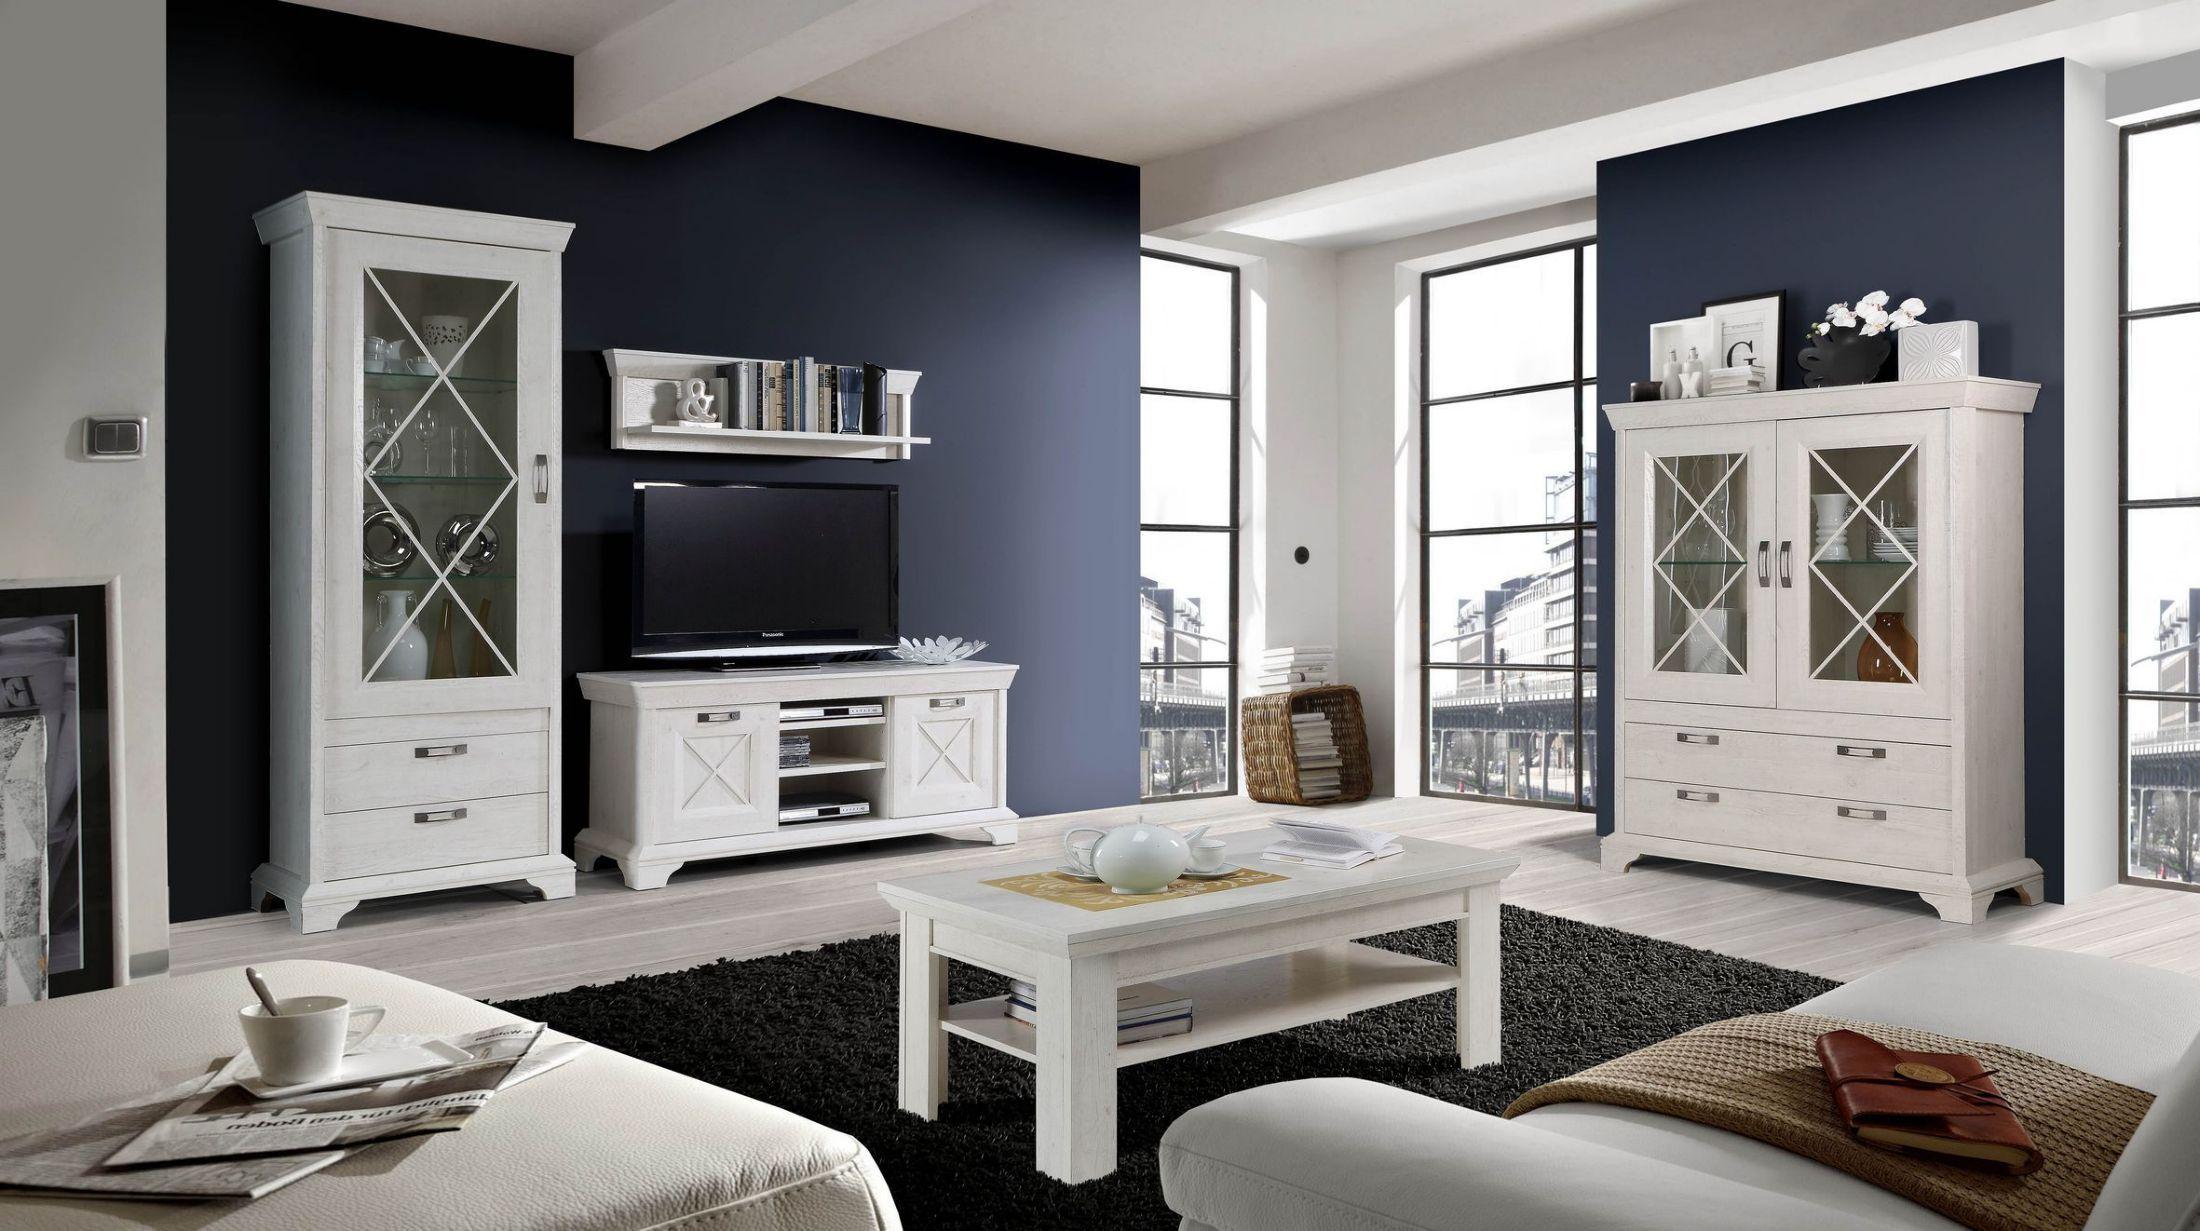 Wohnzimmer Set ~ Wohnzimmer set in pinie weiss mit led beleuchtung woody